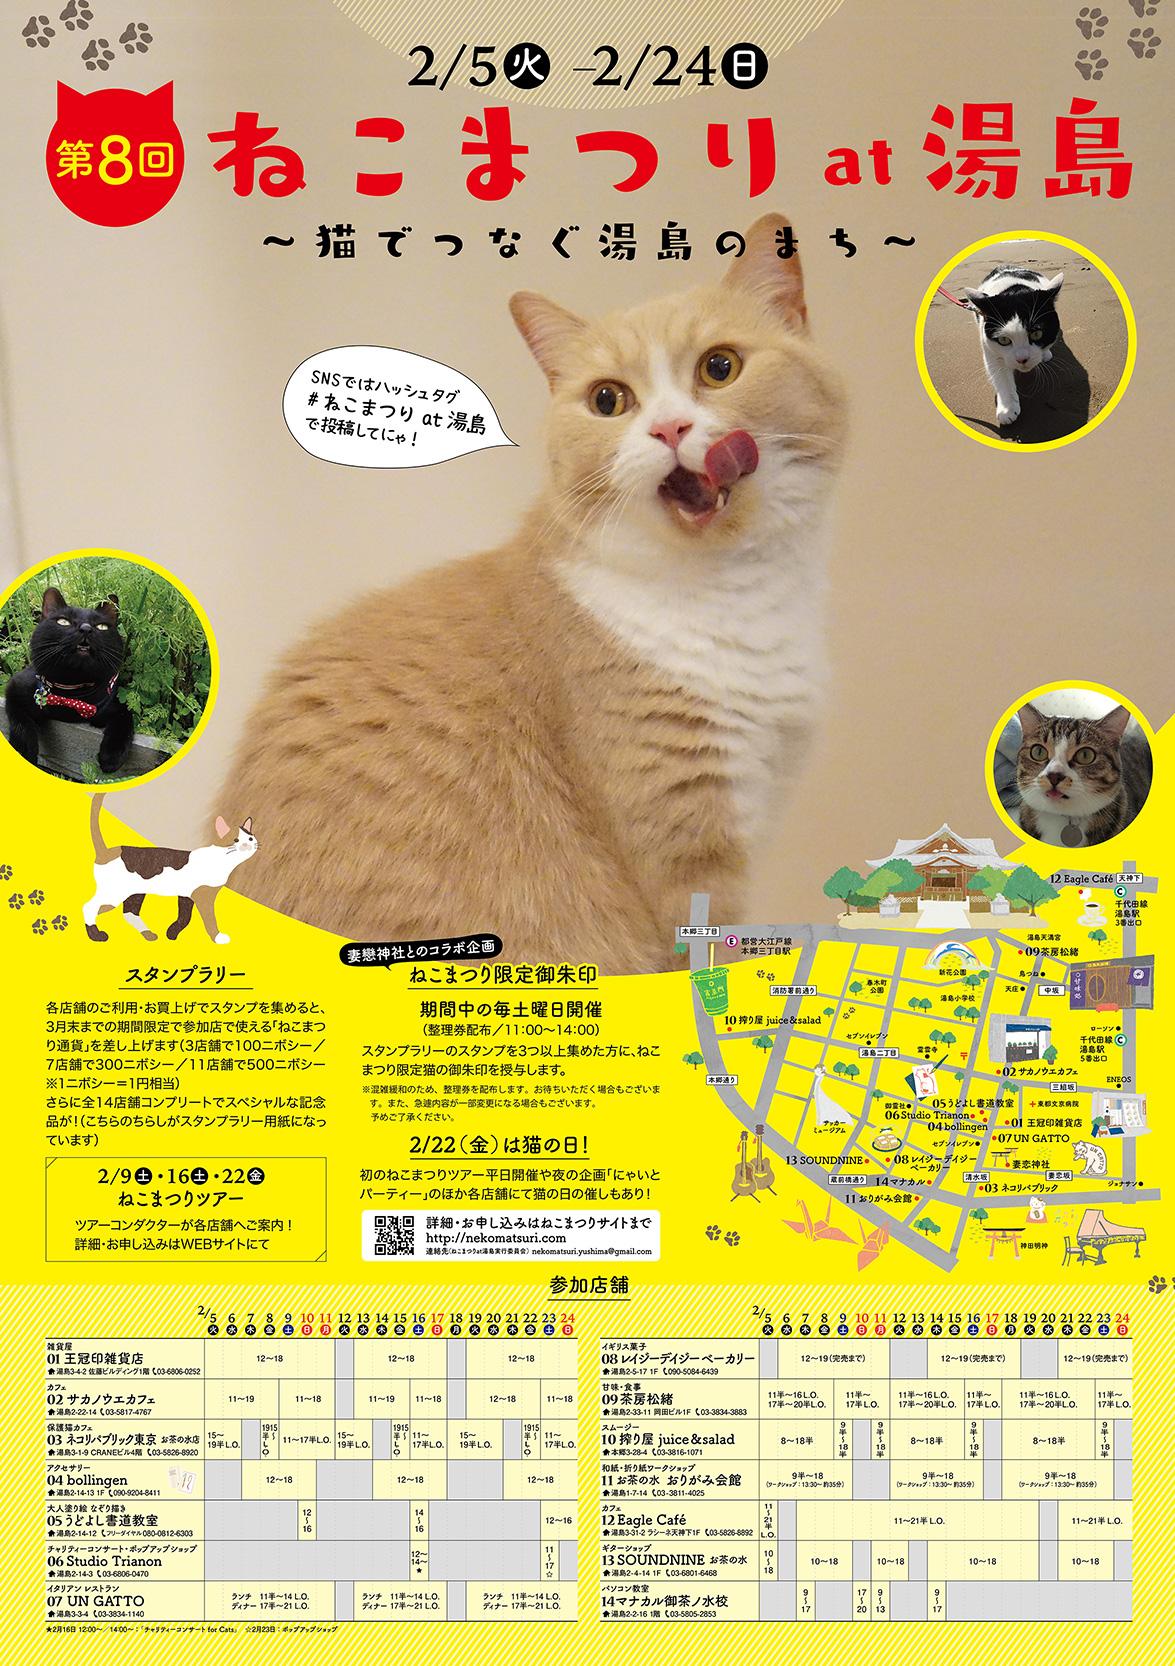 第8回 ねこまつり at 湯島〜猫でつなぐ湯島のまち〜